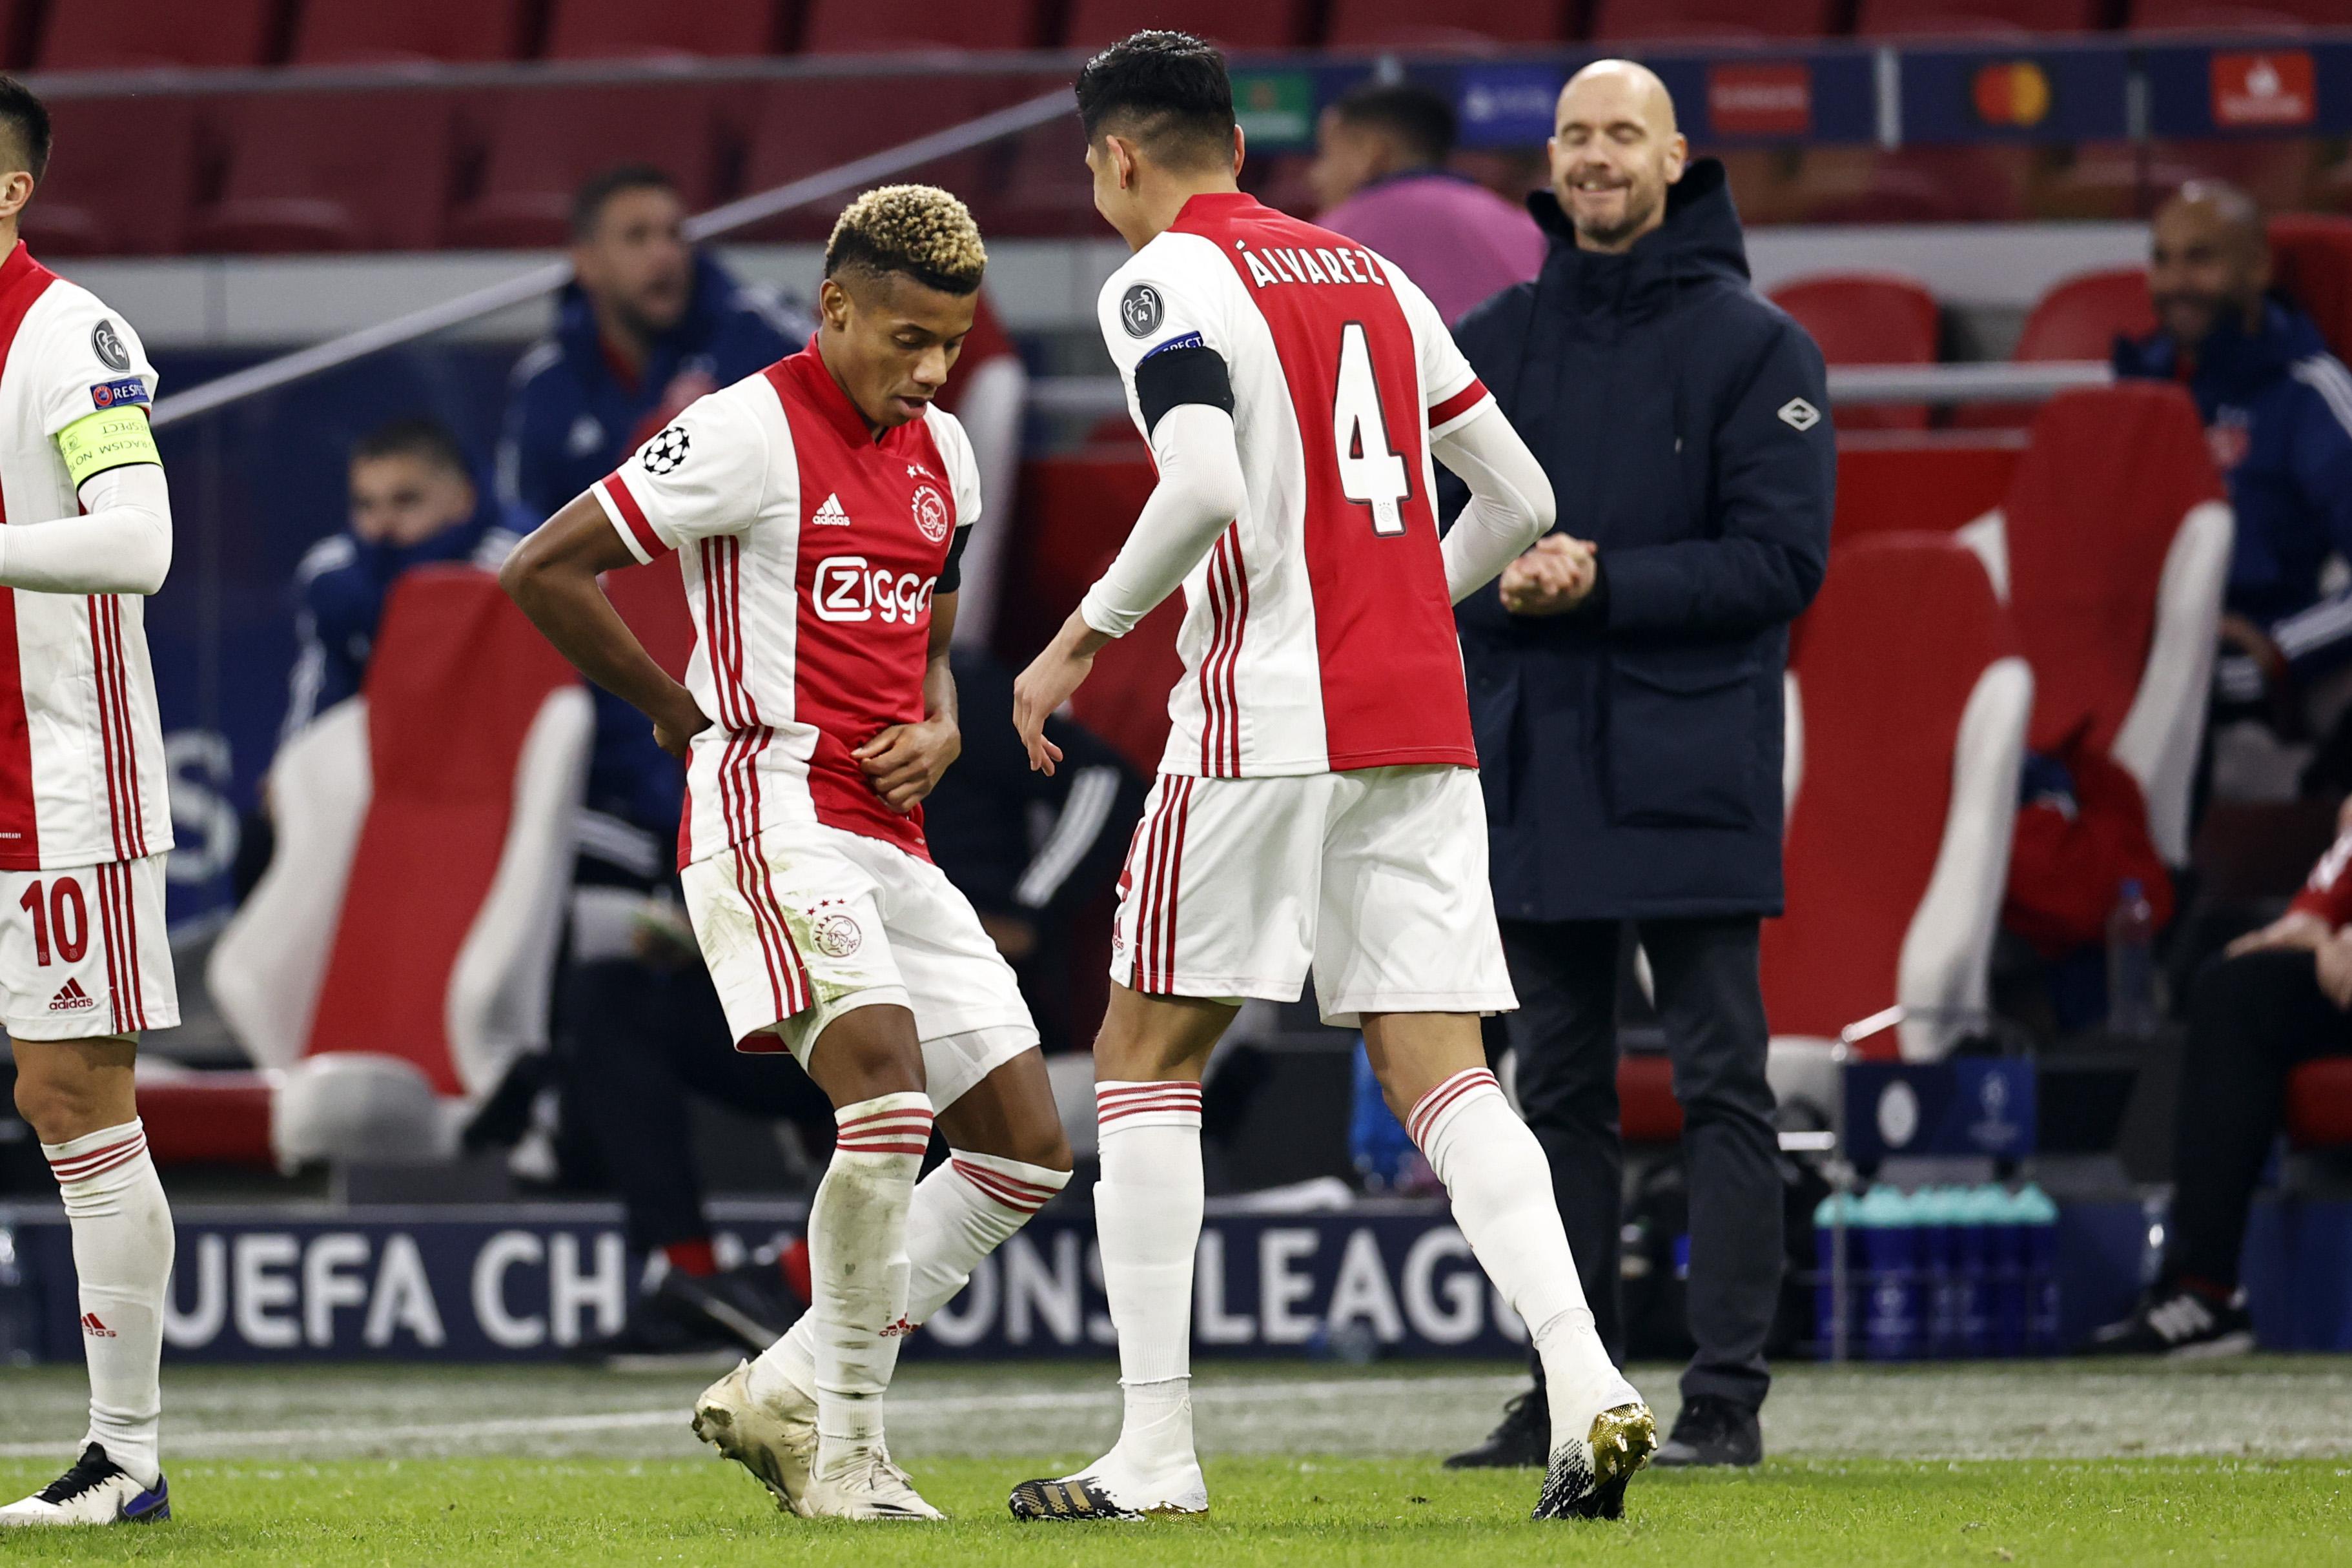 Ajax-trainer Ten Hag: 'Ik wist dat er meer kansen zouden komen' [video]